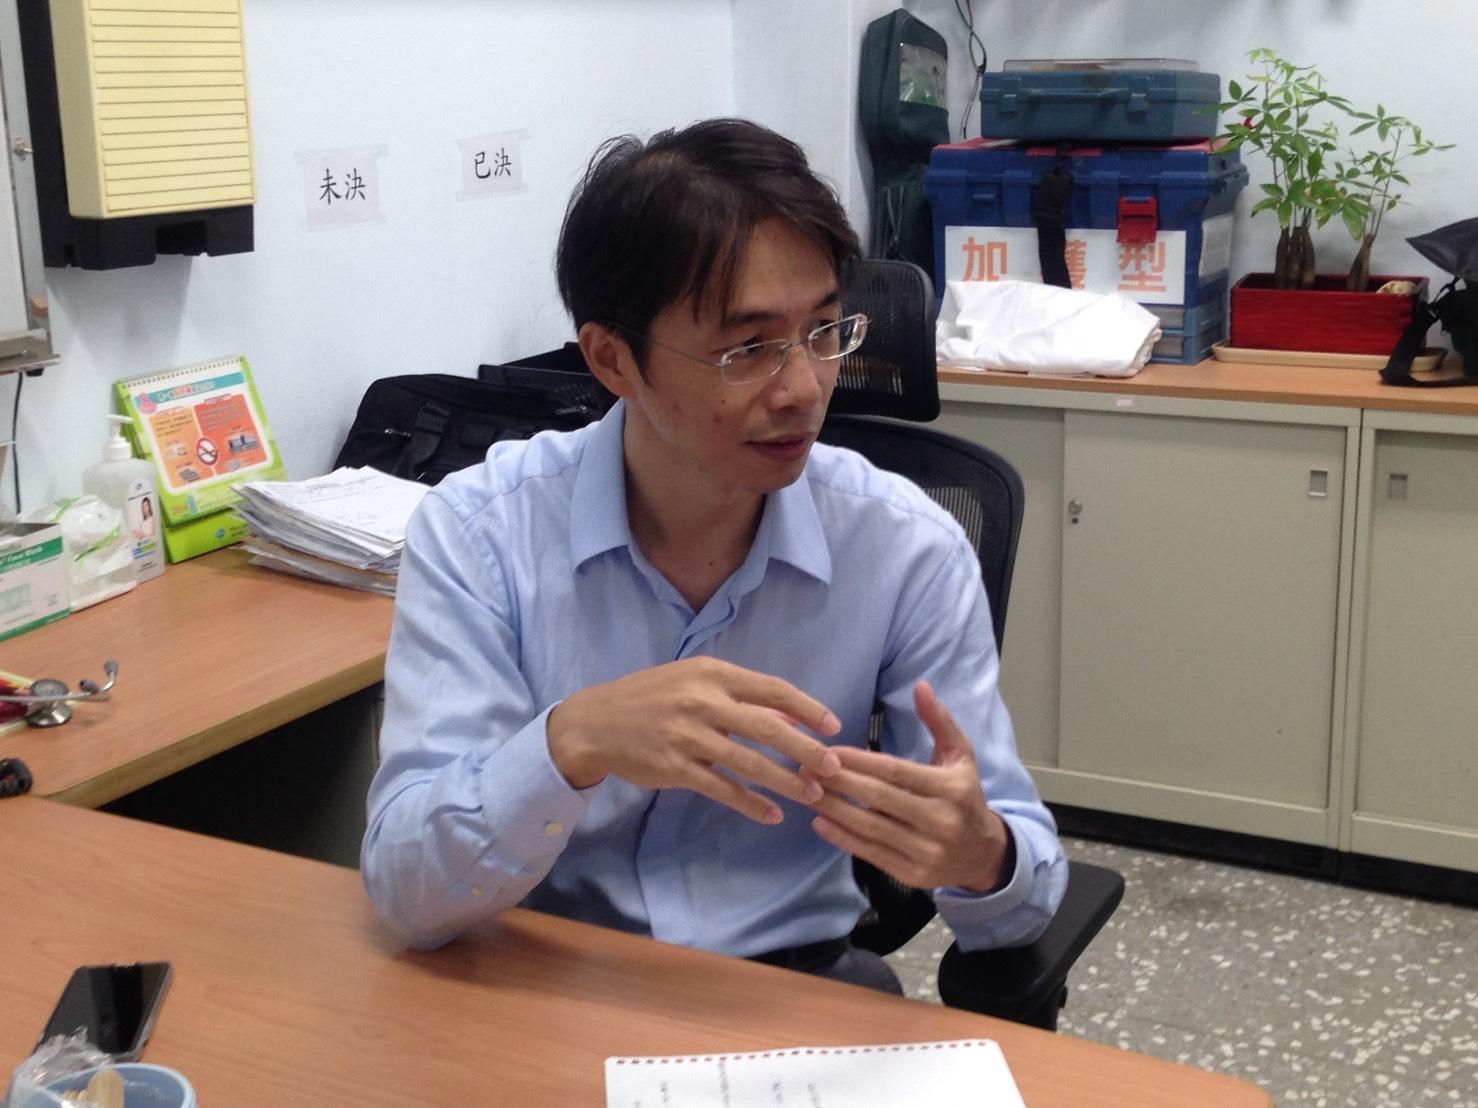 新北市新店區衛生所主任石健男表示,流感與一般感冒不同之處在於,A、B型流感可能引發併發症,嚴重可導致死亡。攝影/高凡淳